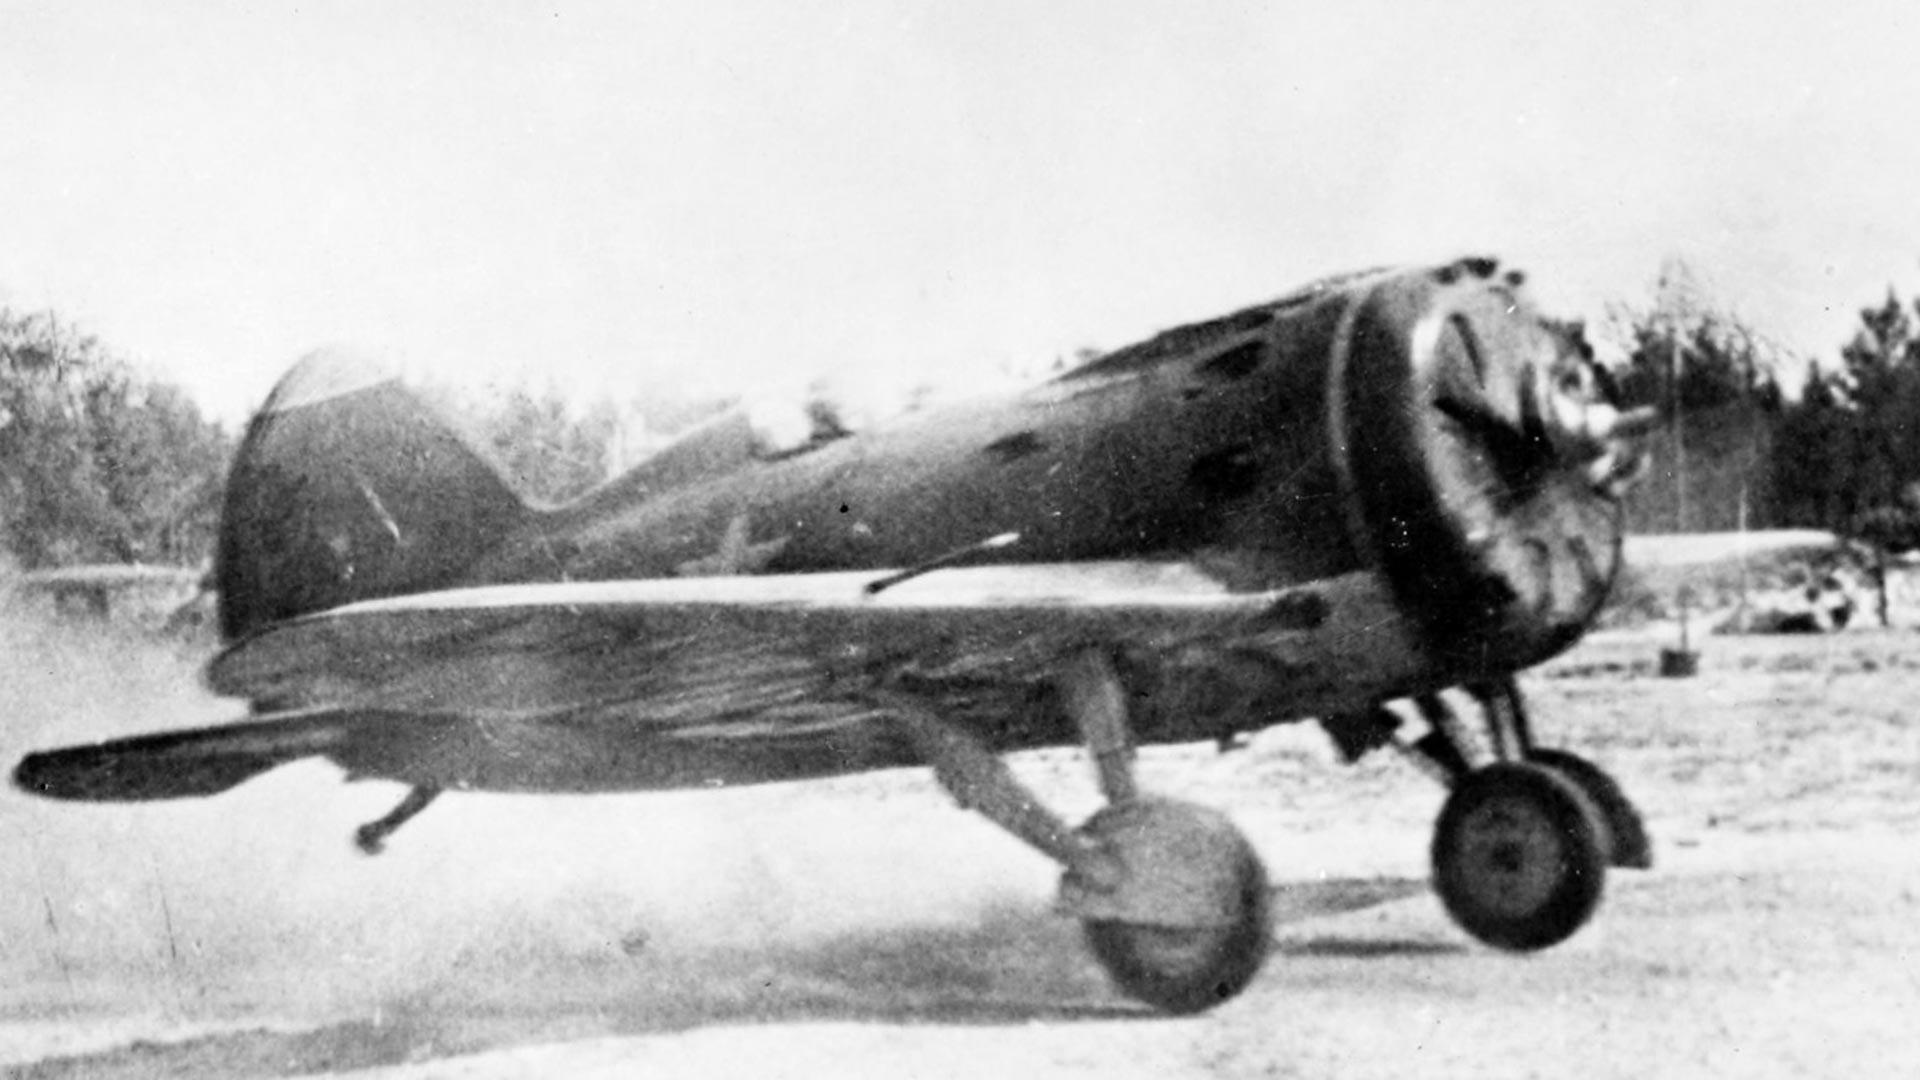 Поликарпов И-16.